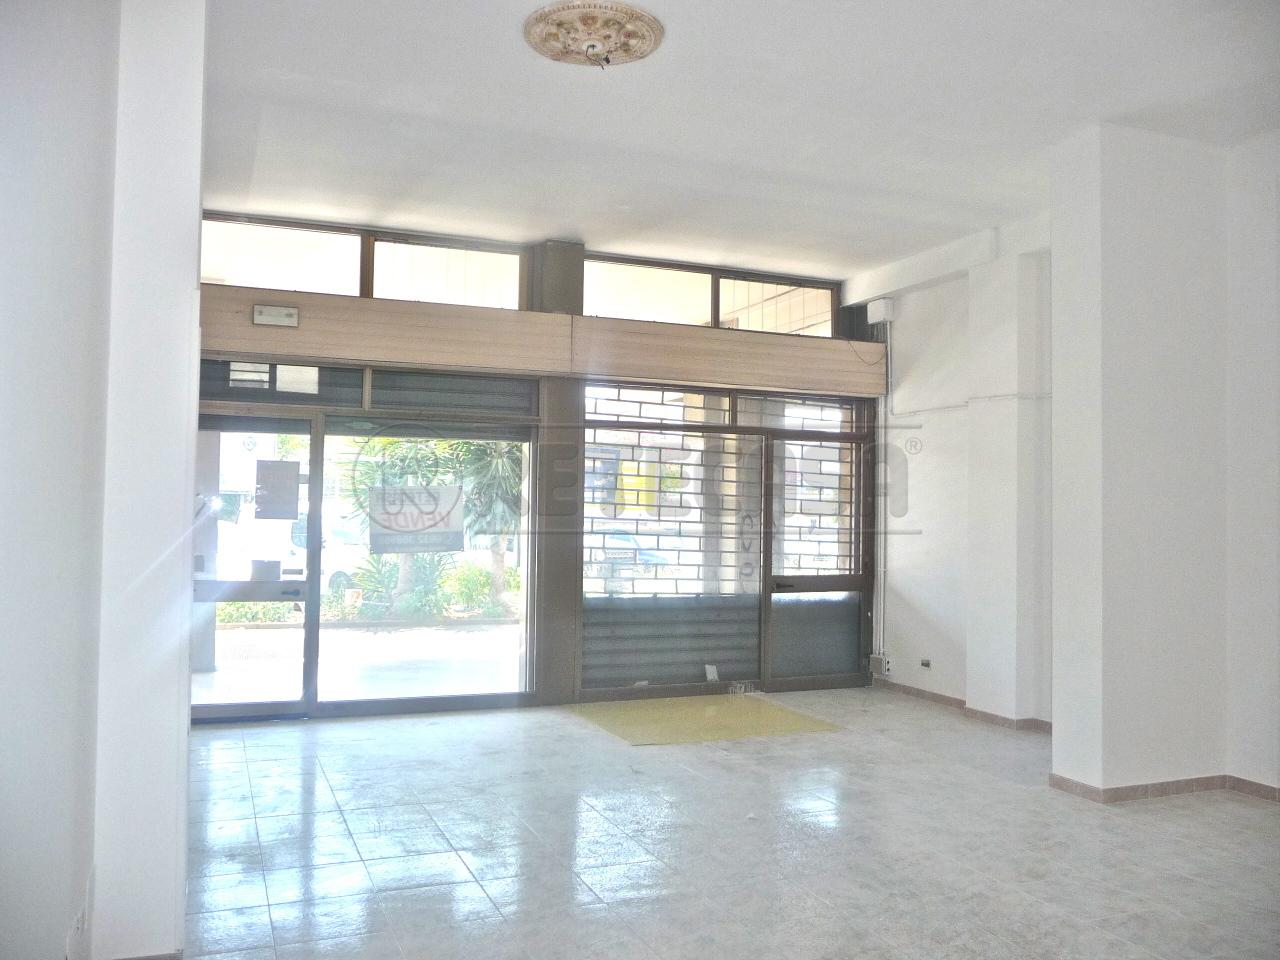 Negozio / Locale in affitto a Lecce, 2 locali, prezzo € 600 | Cambio Casa.it